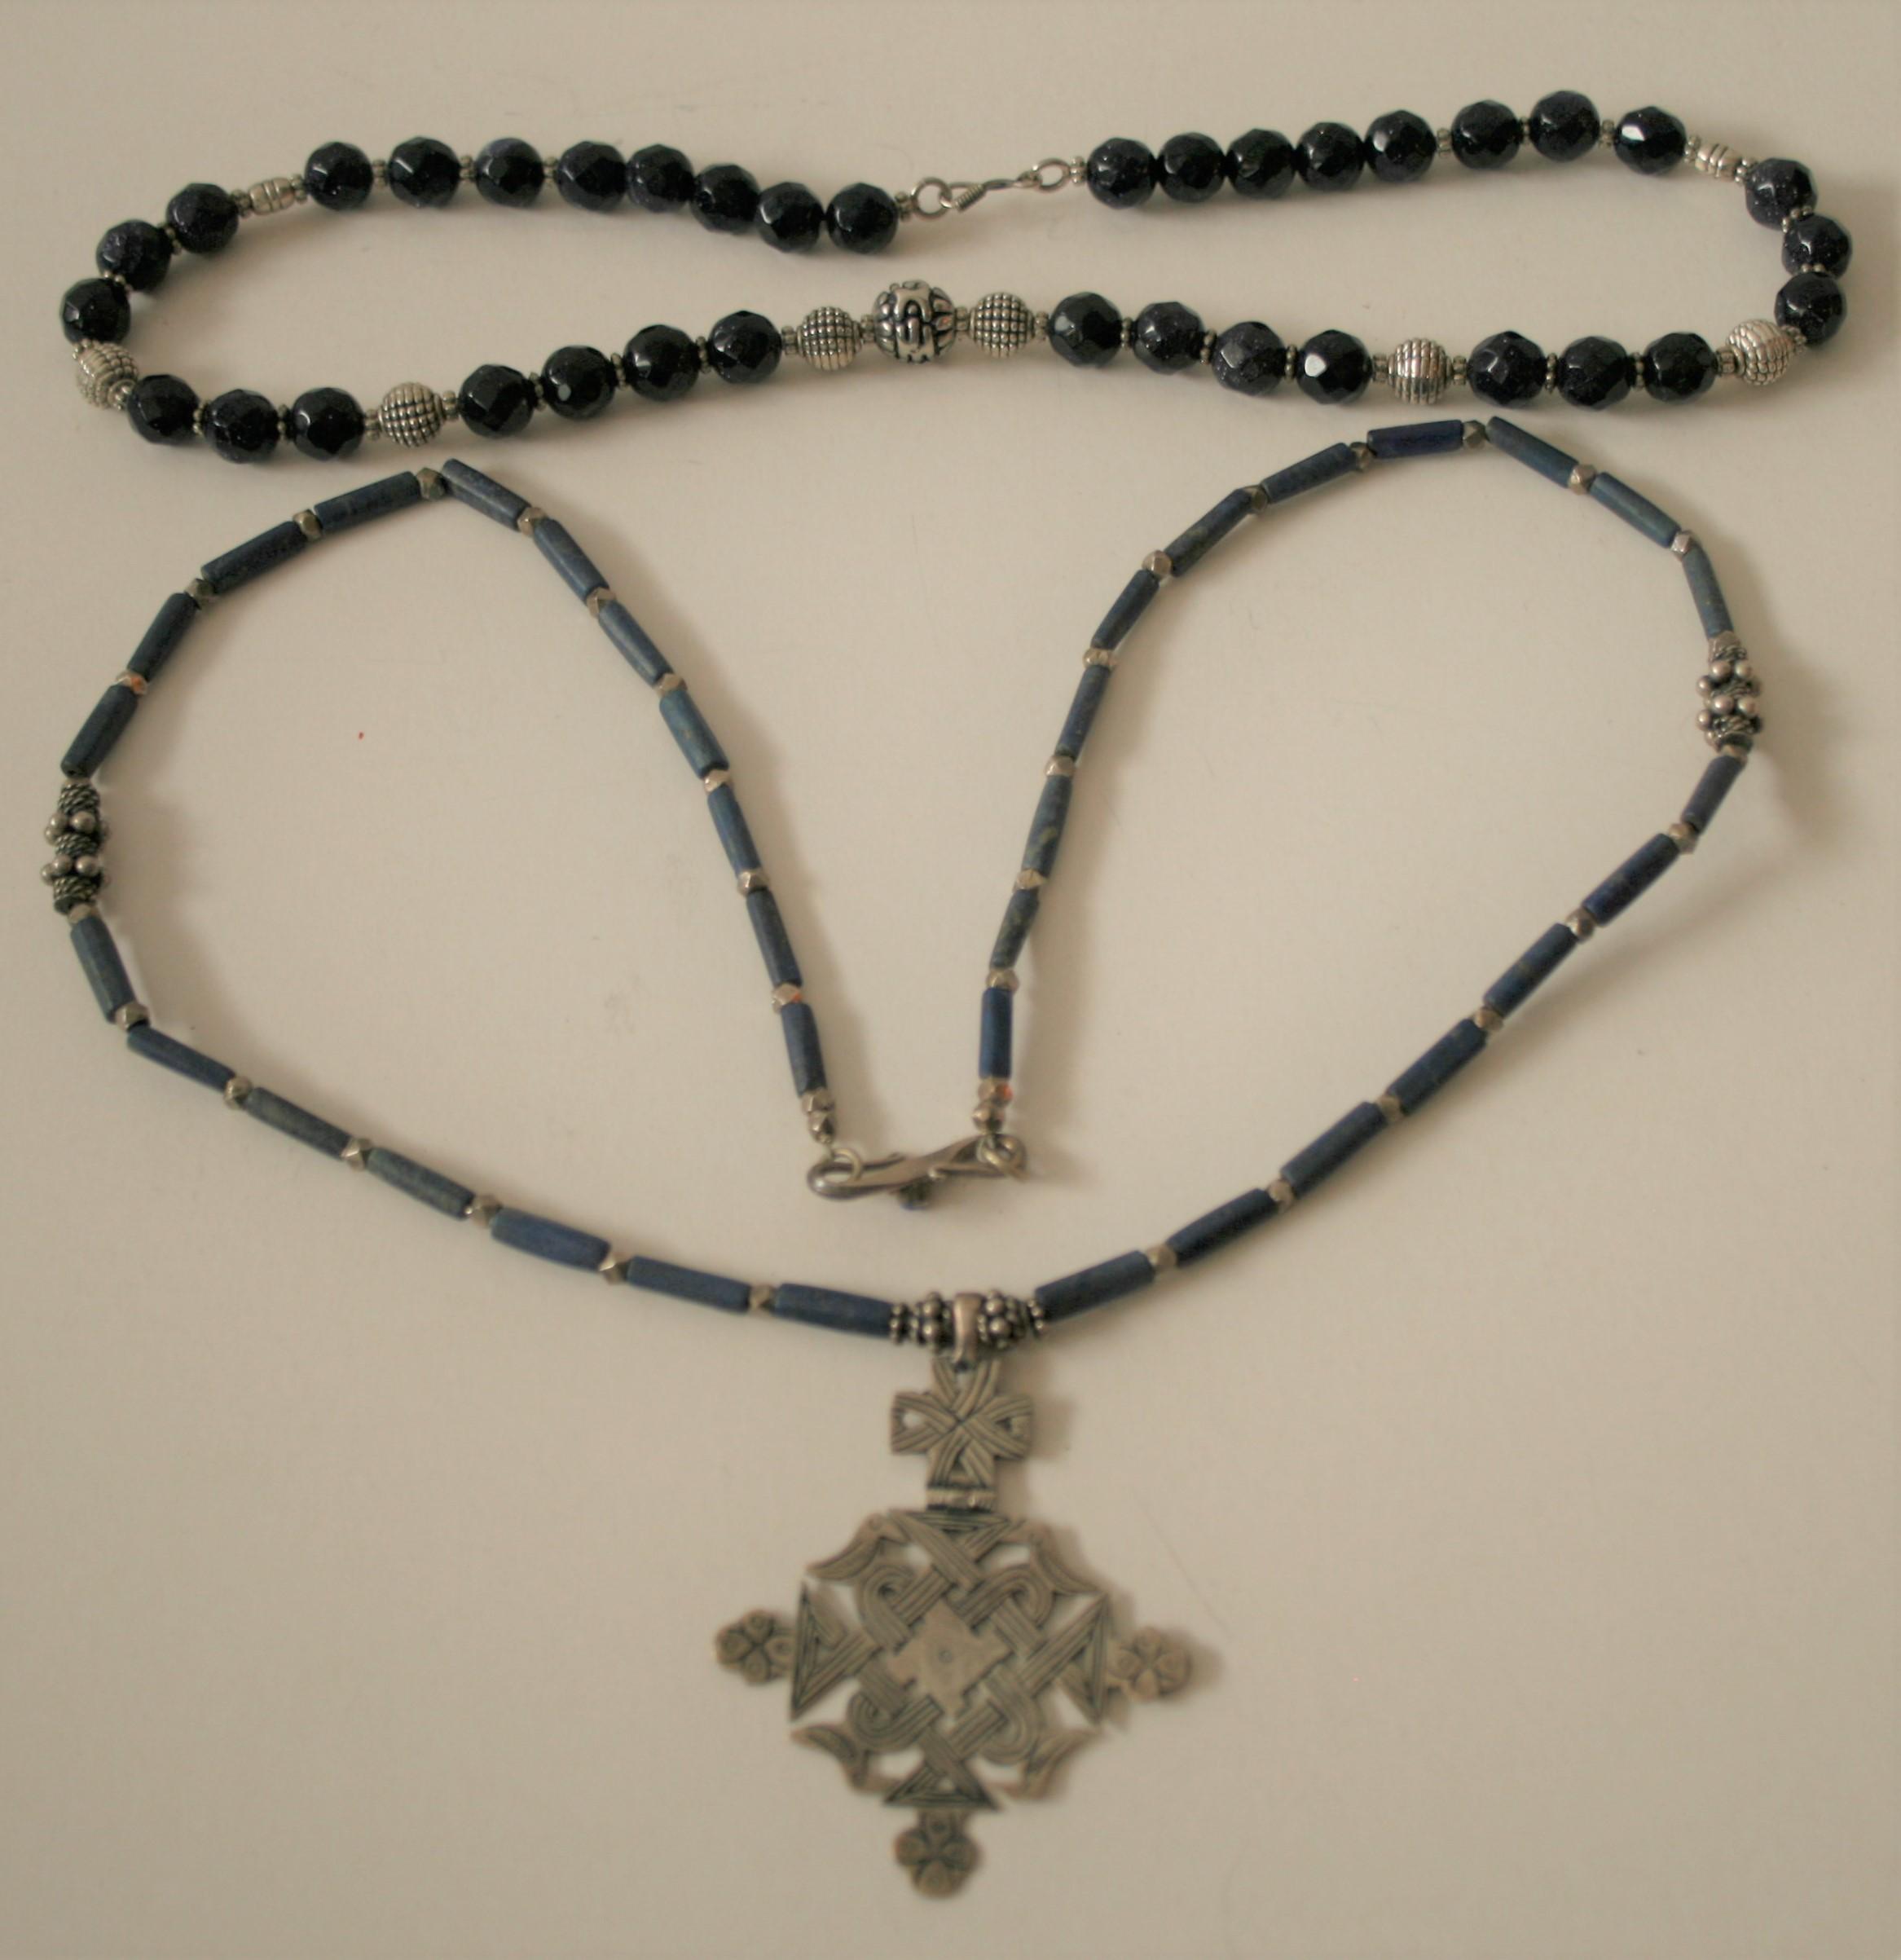 Collier en argent et Lapis Lazuli non poli terminé par un pendentif aux arabesques [...]